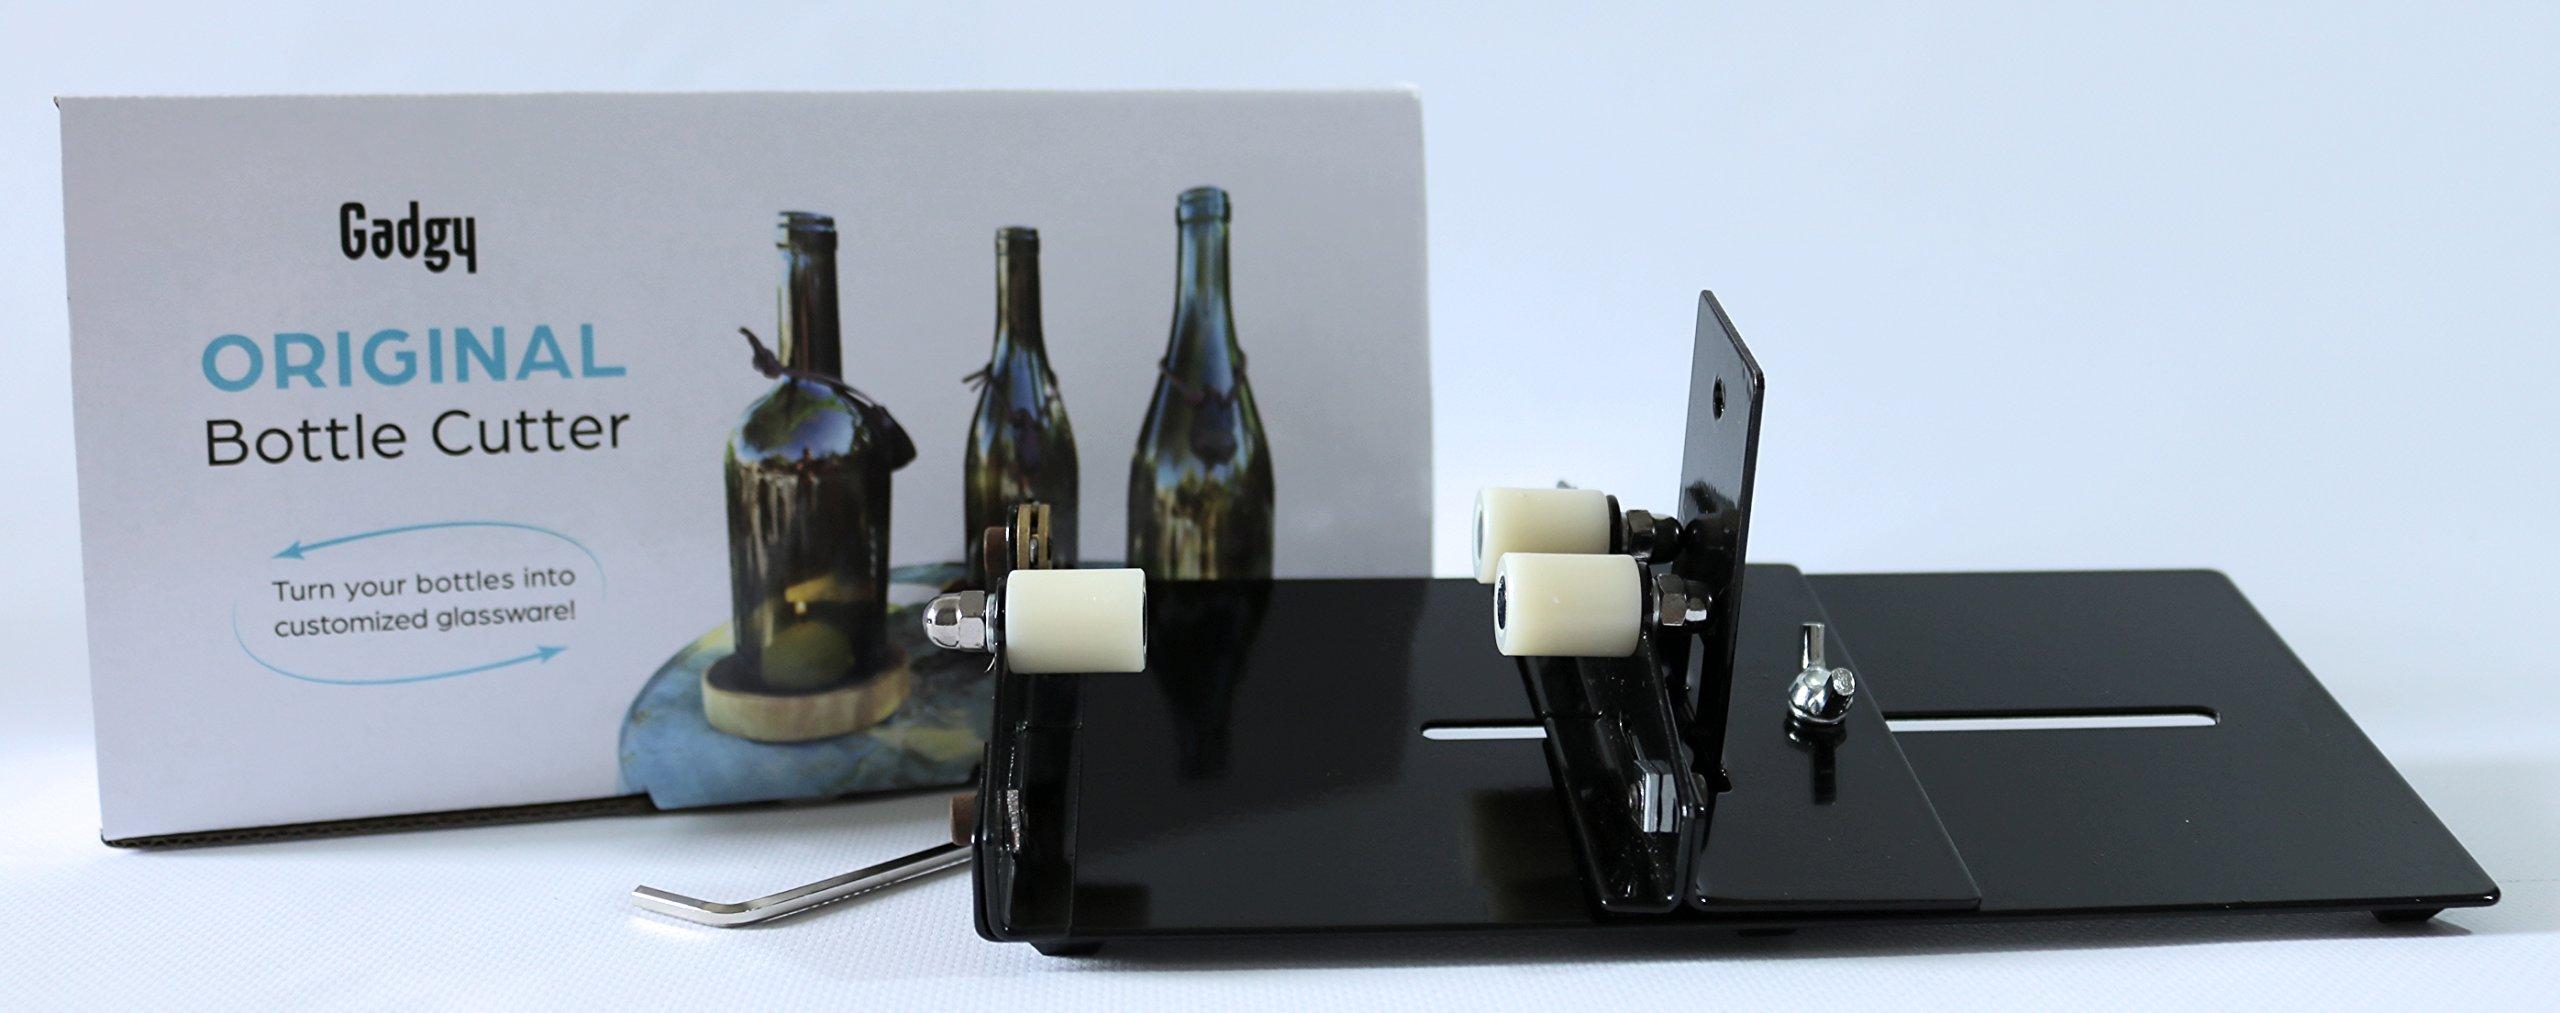 Taglia Bottiglie Di Vetro.Gadgy Taglia Bottiglie Di Vetro Glass Cristallo Bottle Cutter